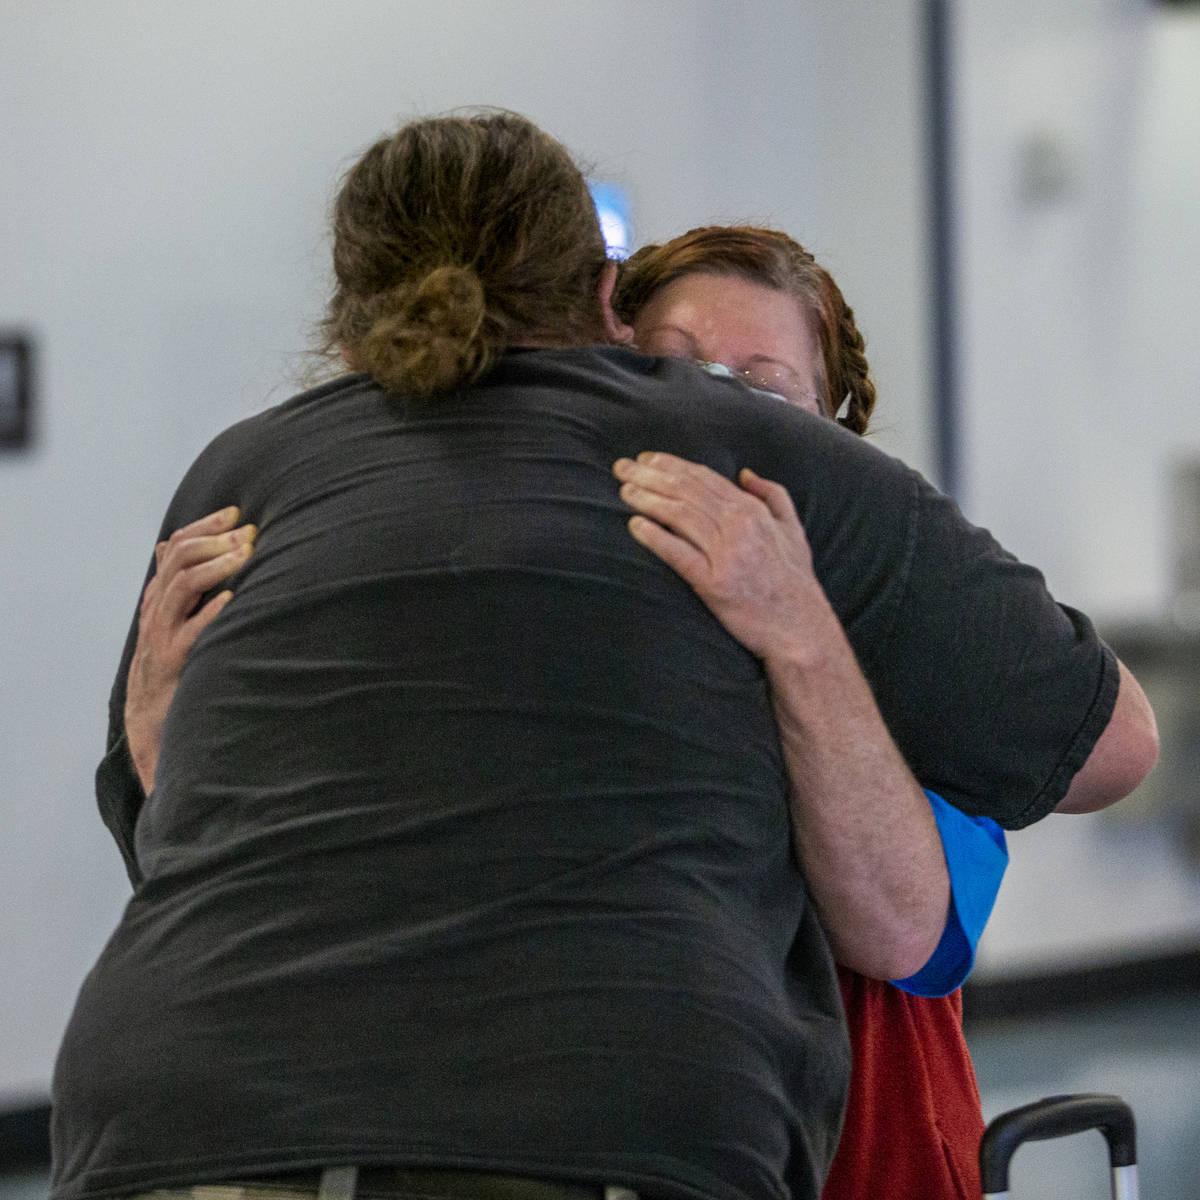 Jack Yowell abraza a su esposa Susan al salir de la Terminal 1 de reclamo de equipaje del Aerop ...